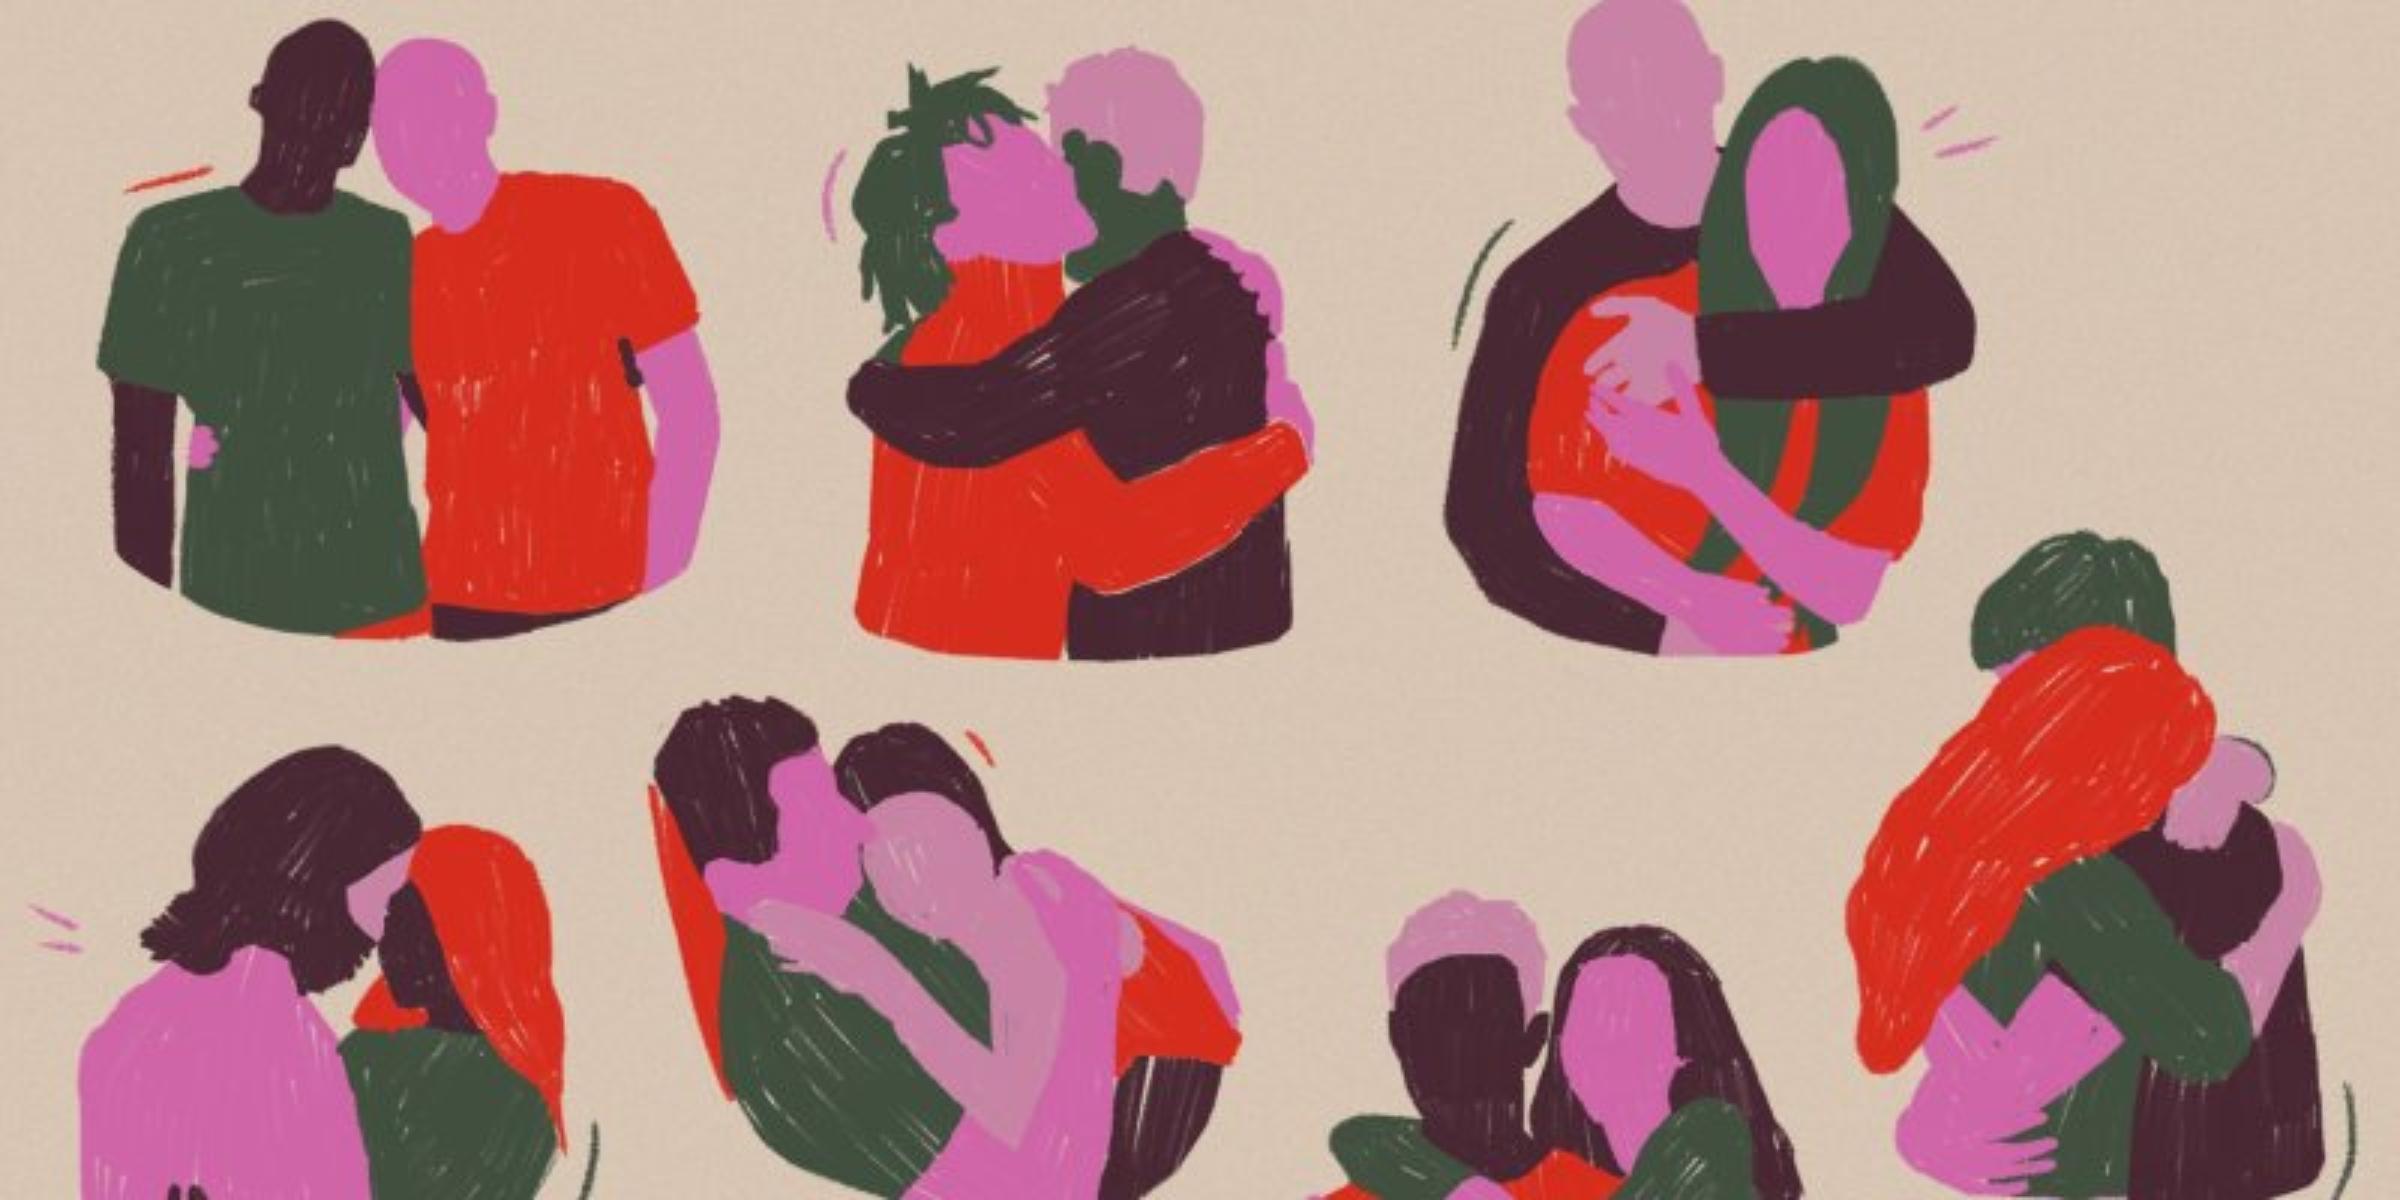 Σχέσεις: Αυτοί είναι οι έξι τύποι αγκαλιάς και η ερμηνεία τους